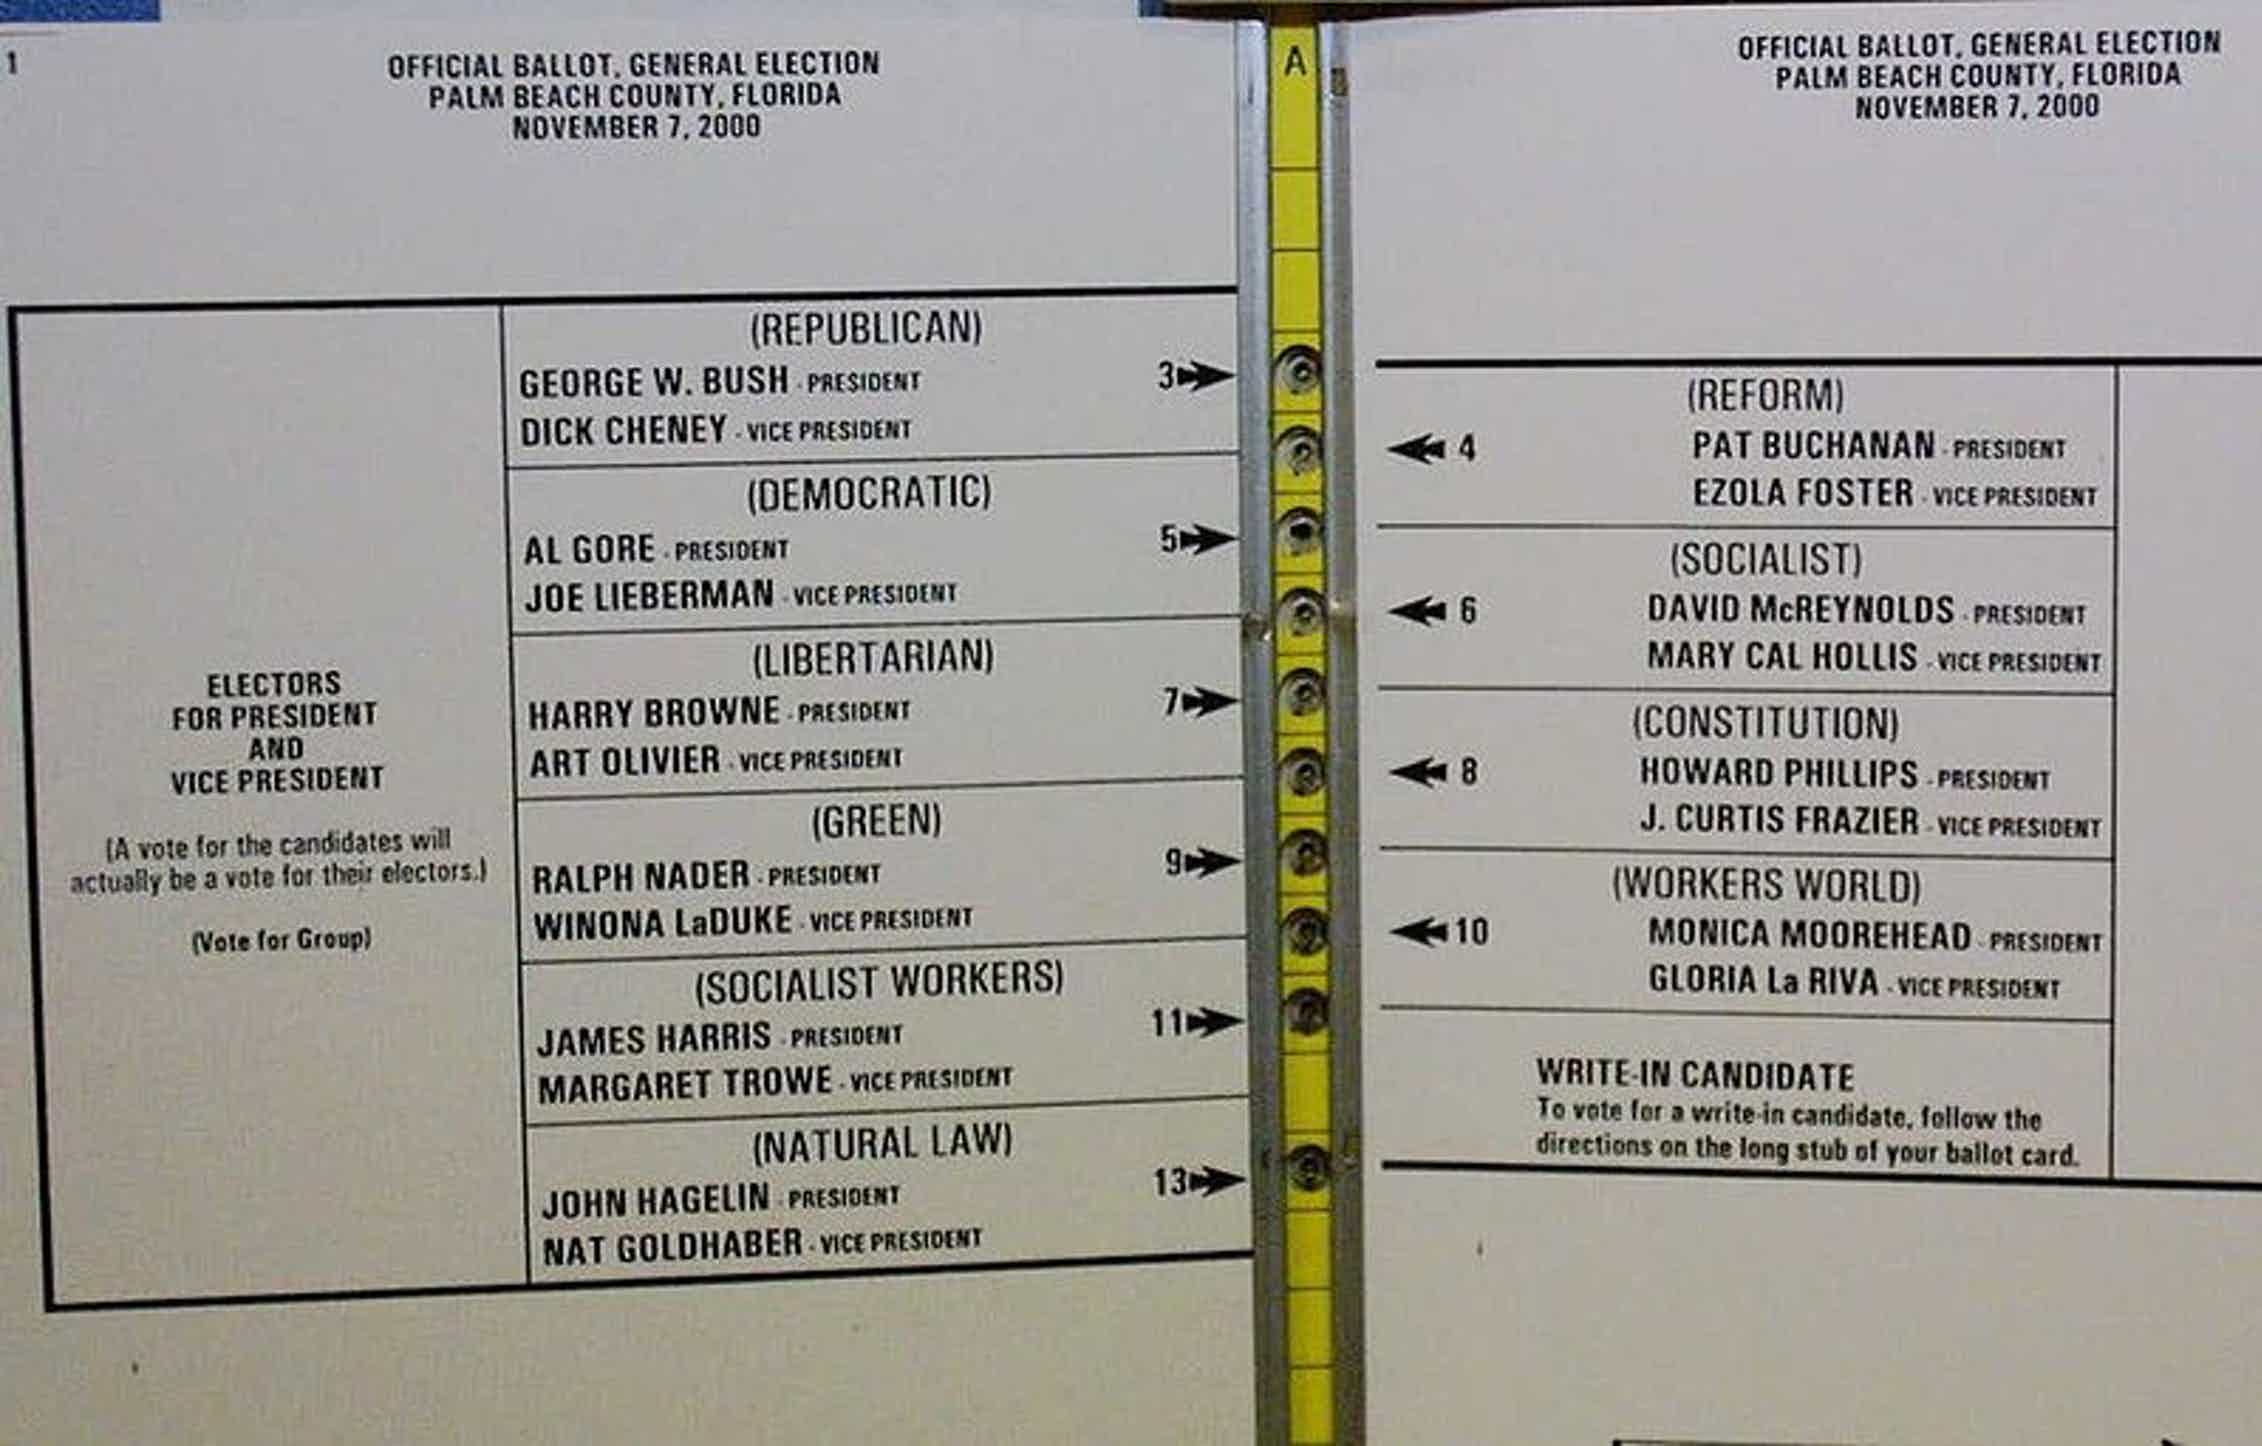 La papeleta mariposa de Florida confundió a varios votantes, que terminaron votando por el candidato del Partido Reformista Pat Buchanan pensando que lo hacían por el candidato demócrata Al Gore. Wikimedia Commons